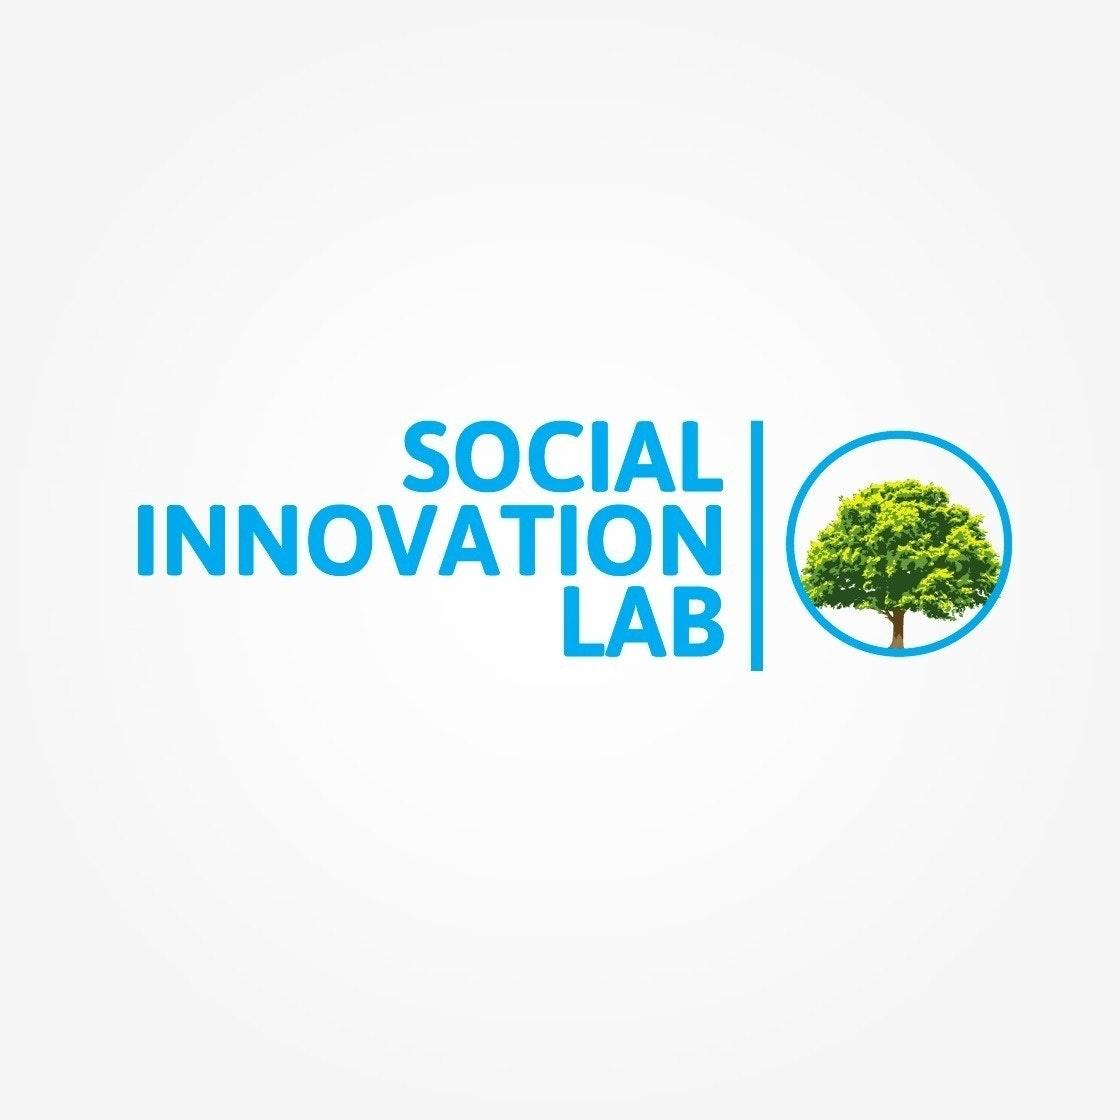 SocialInnovationLab